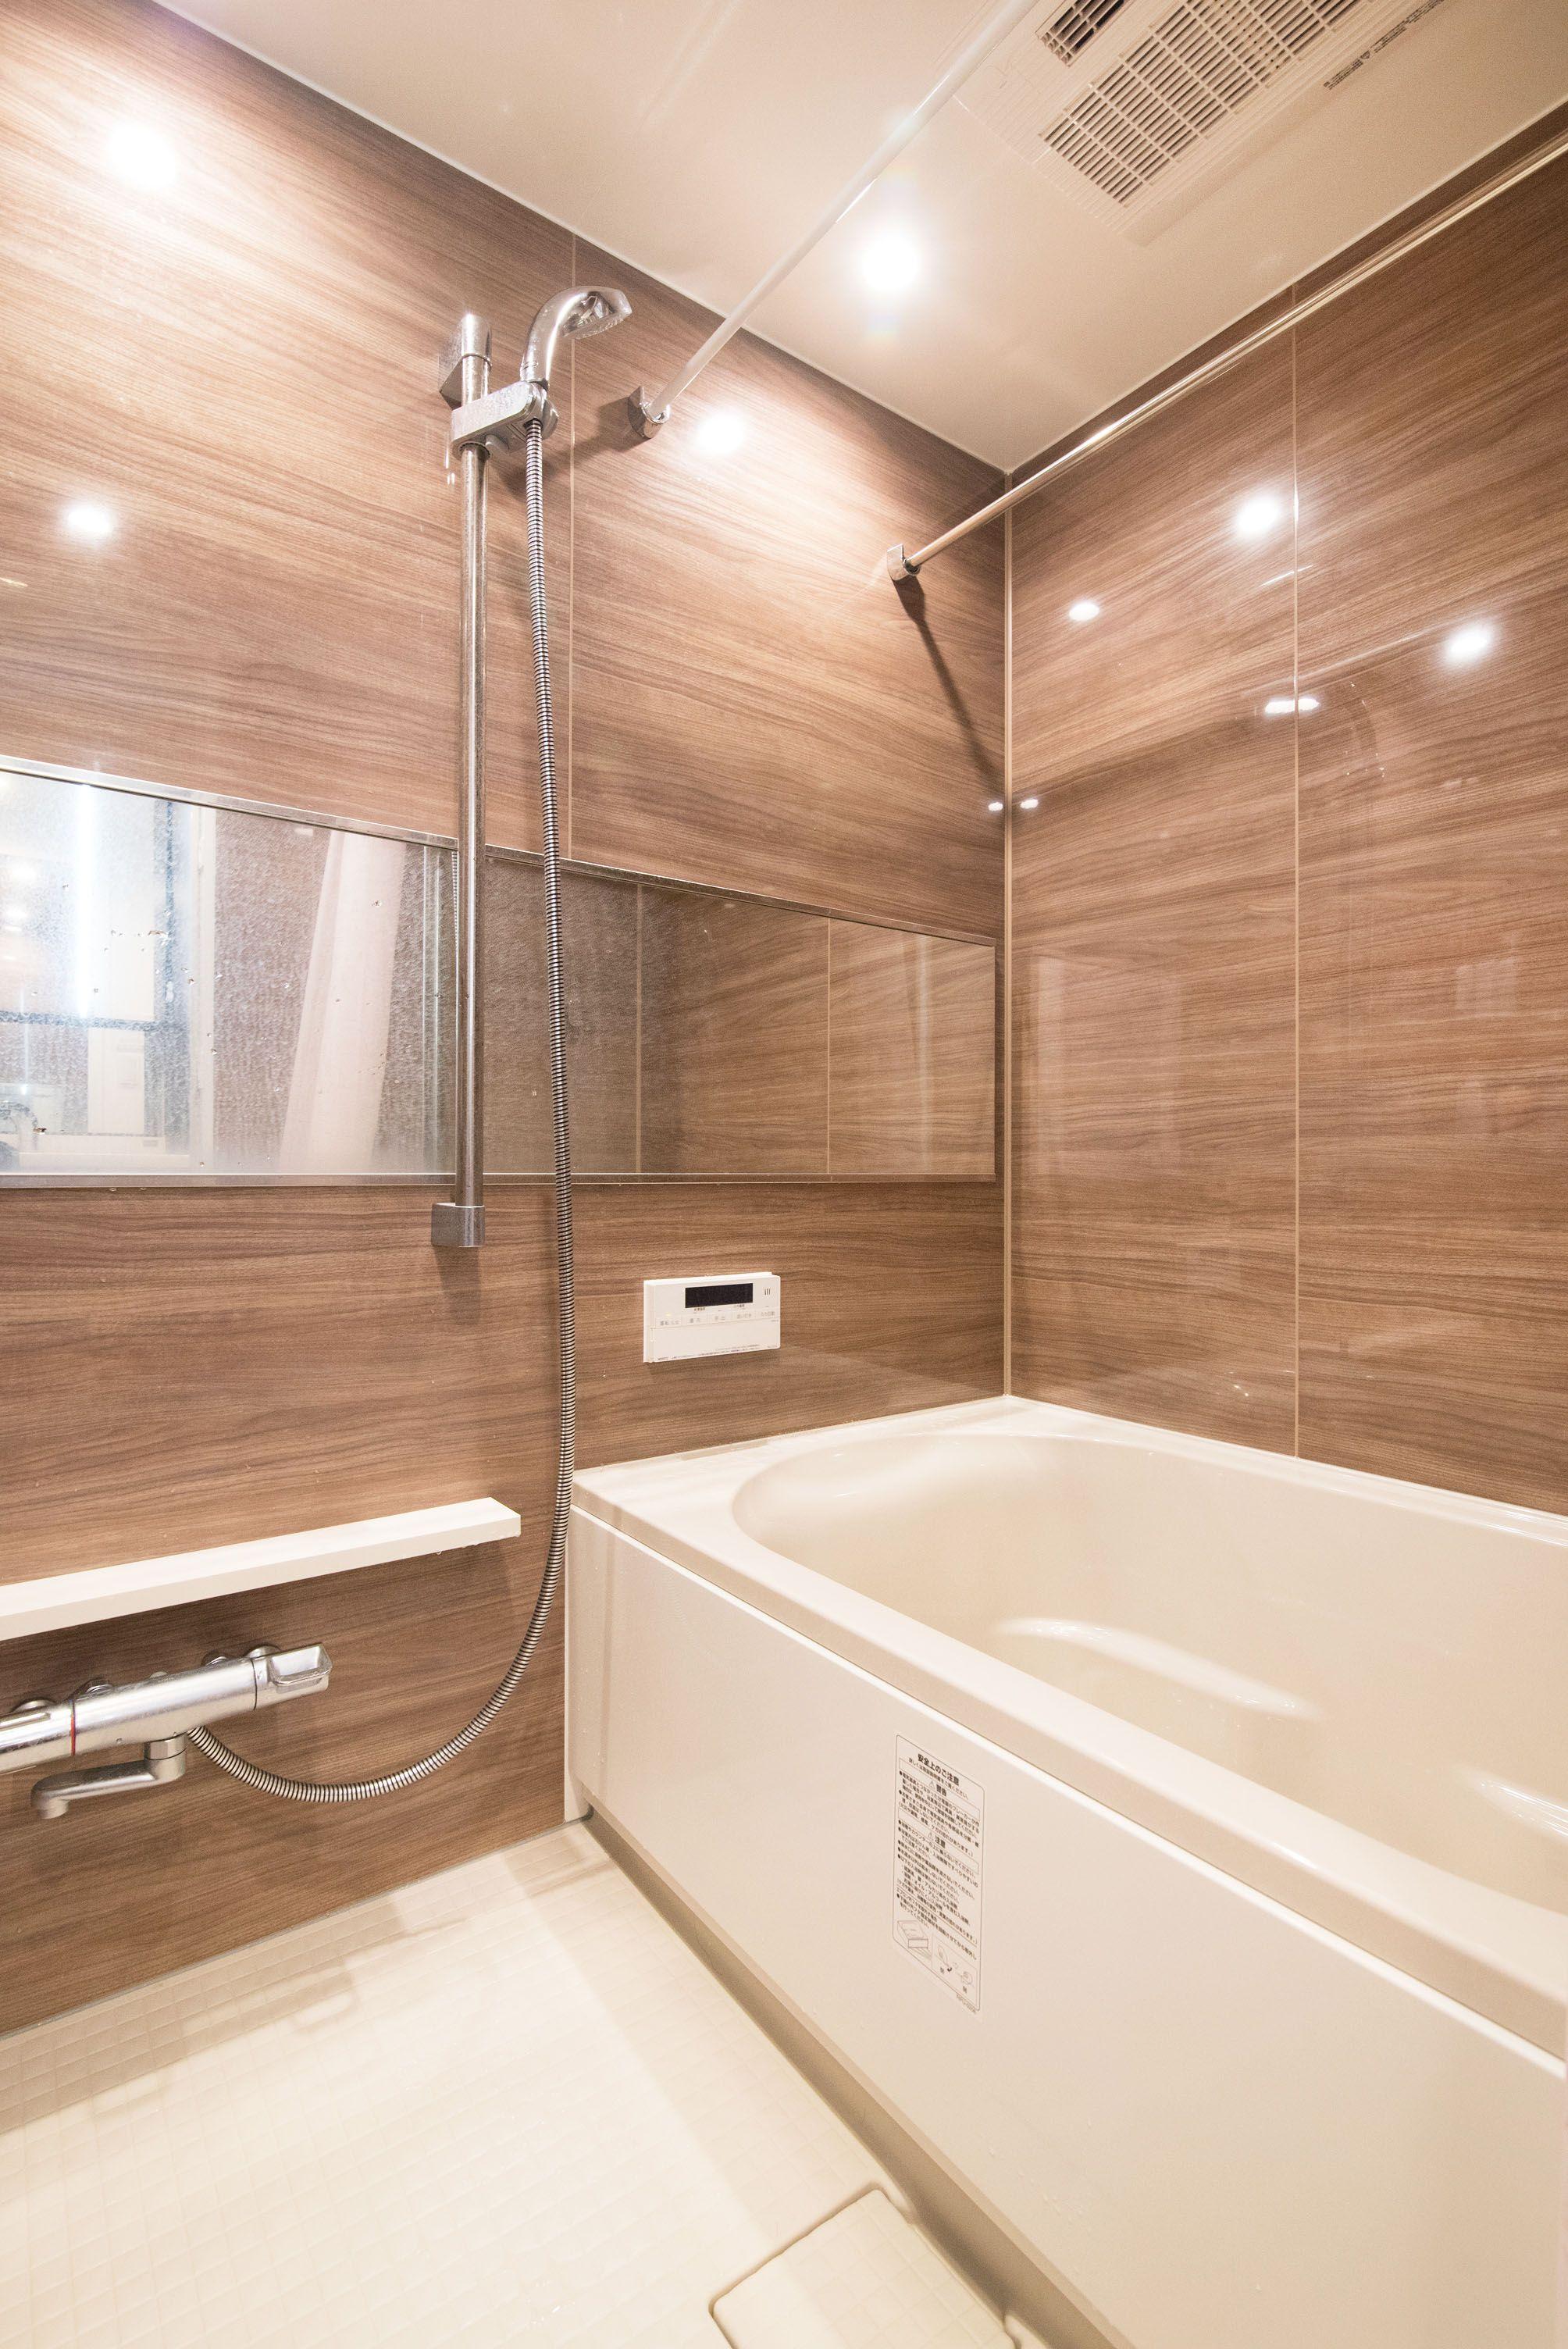 私たちの Just Size リノステージ リノベーション 中古マンション マンションリノベ 浴室 バスルーム ユニットバス 木目 明るい 落ち着いた 高級感 インテリア ユニットバス 浴室 おしゃれ モダンなバスルームデザイン